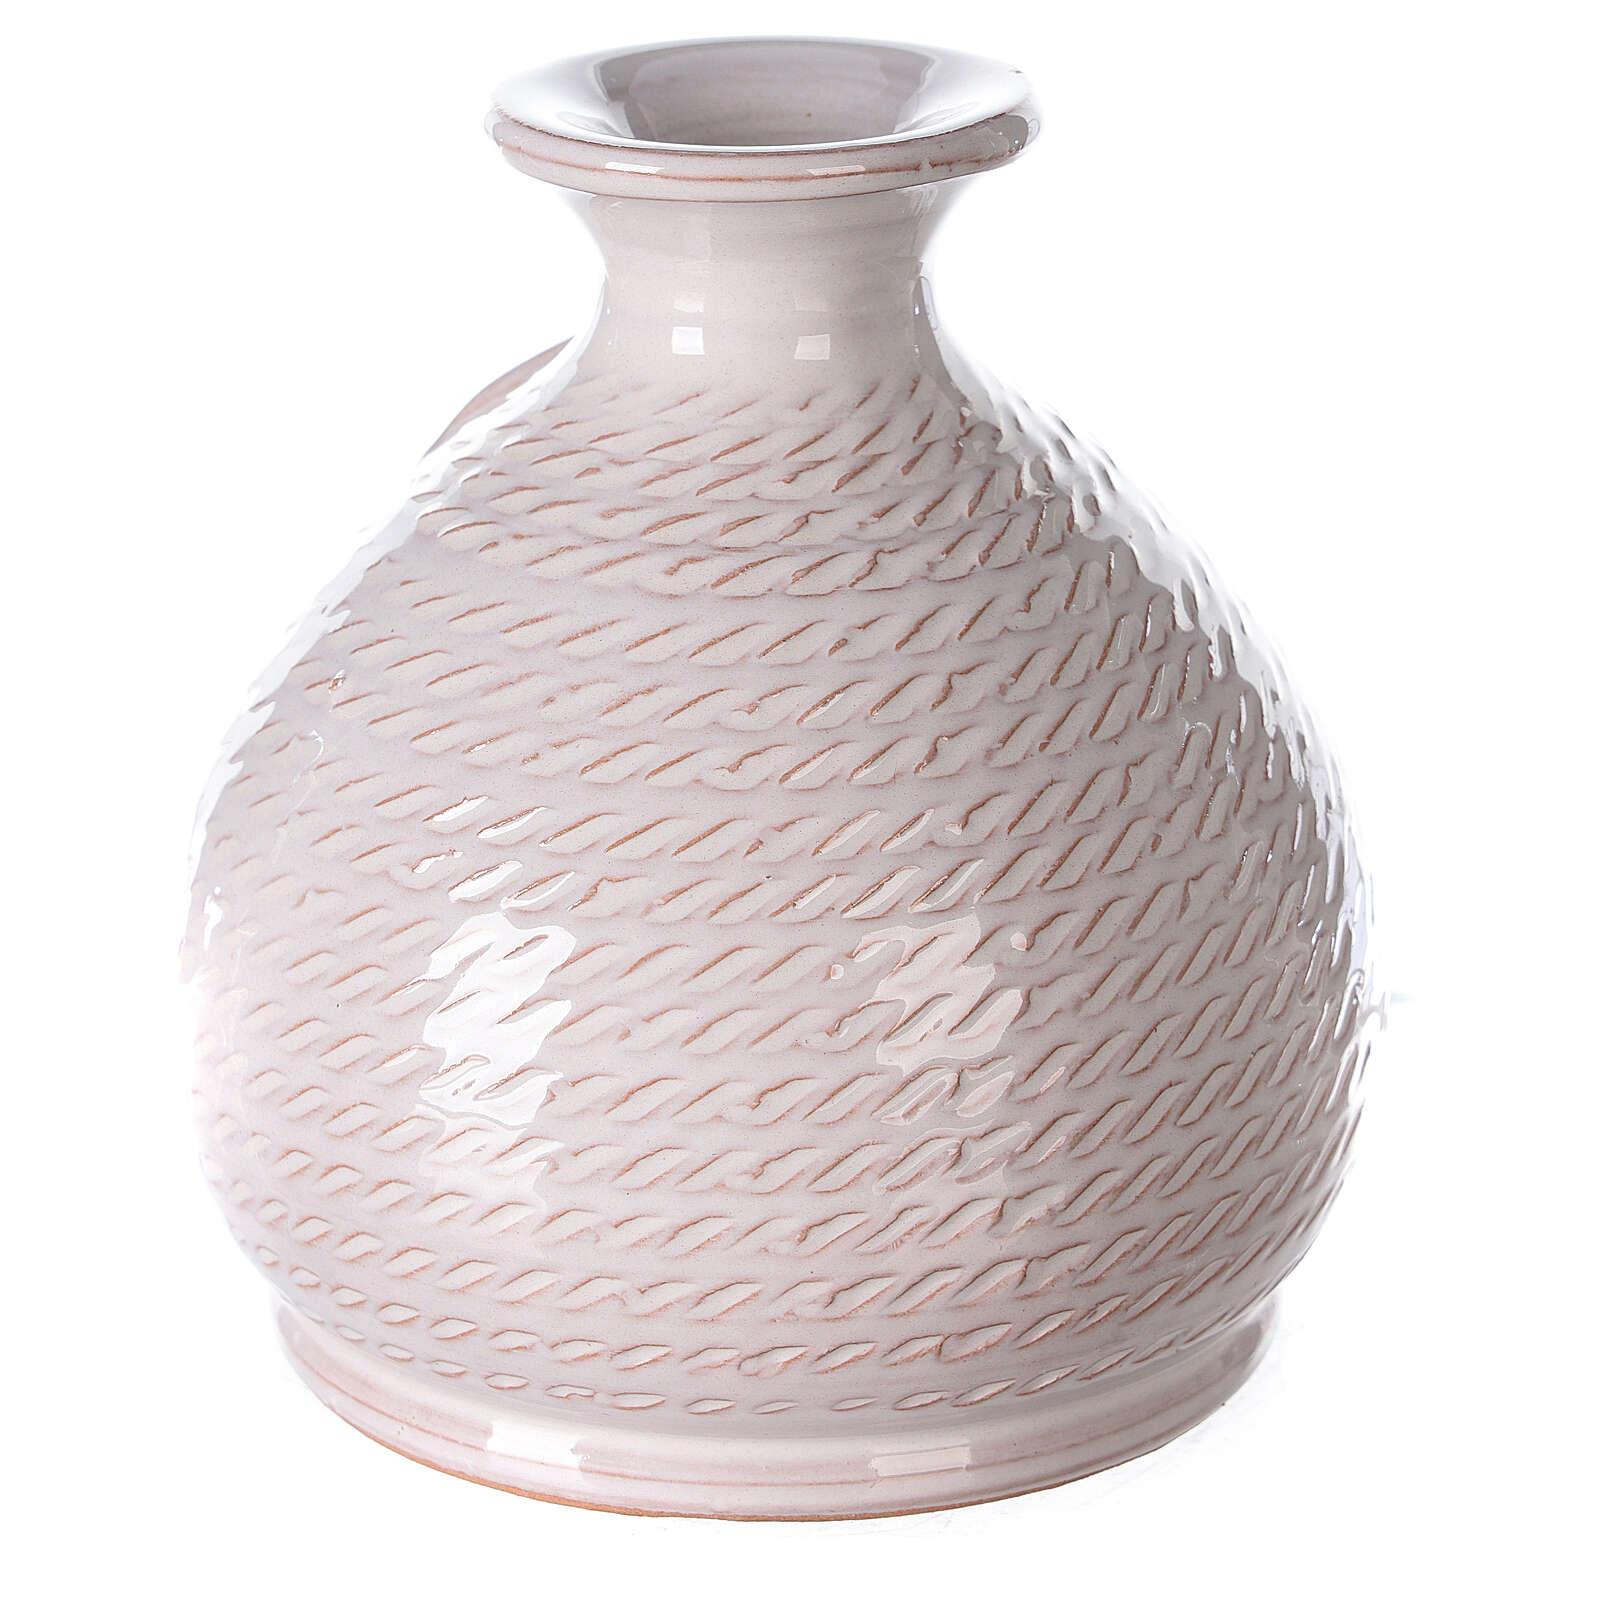 Nativité vase blanc arrondi terre cuite Deruta 12 cm 4